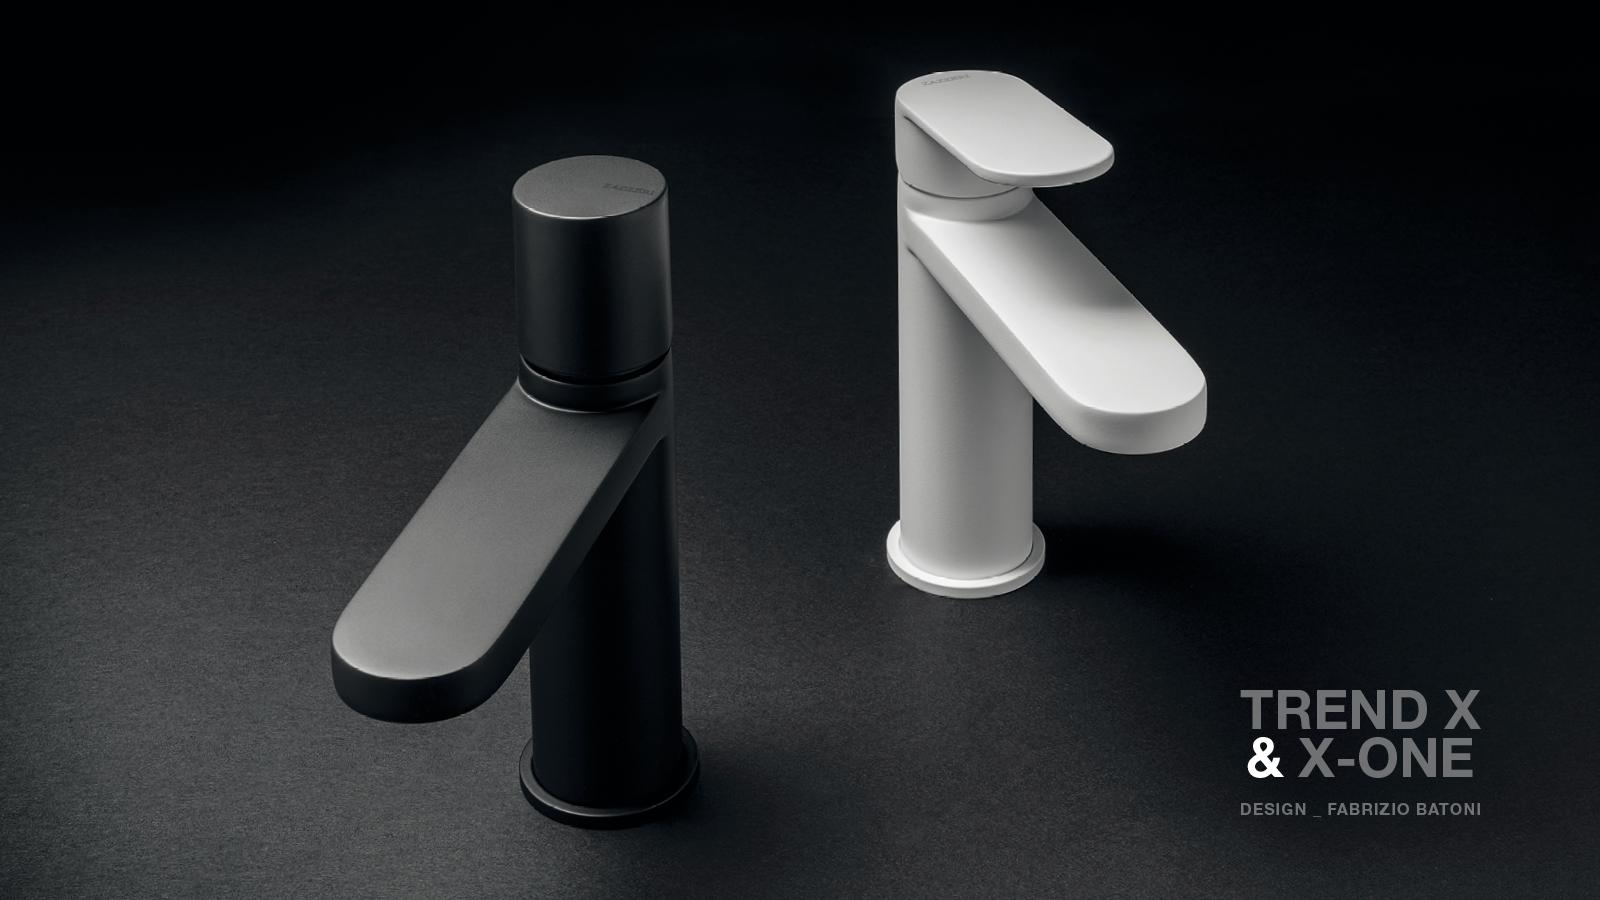 01 T1 home roll zazzeri 2020 trend